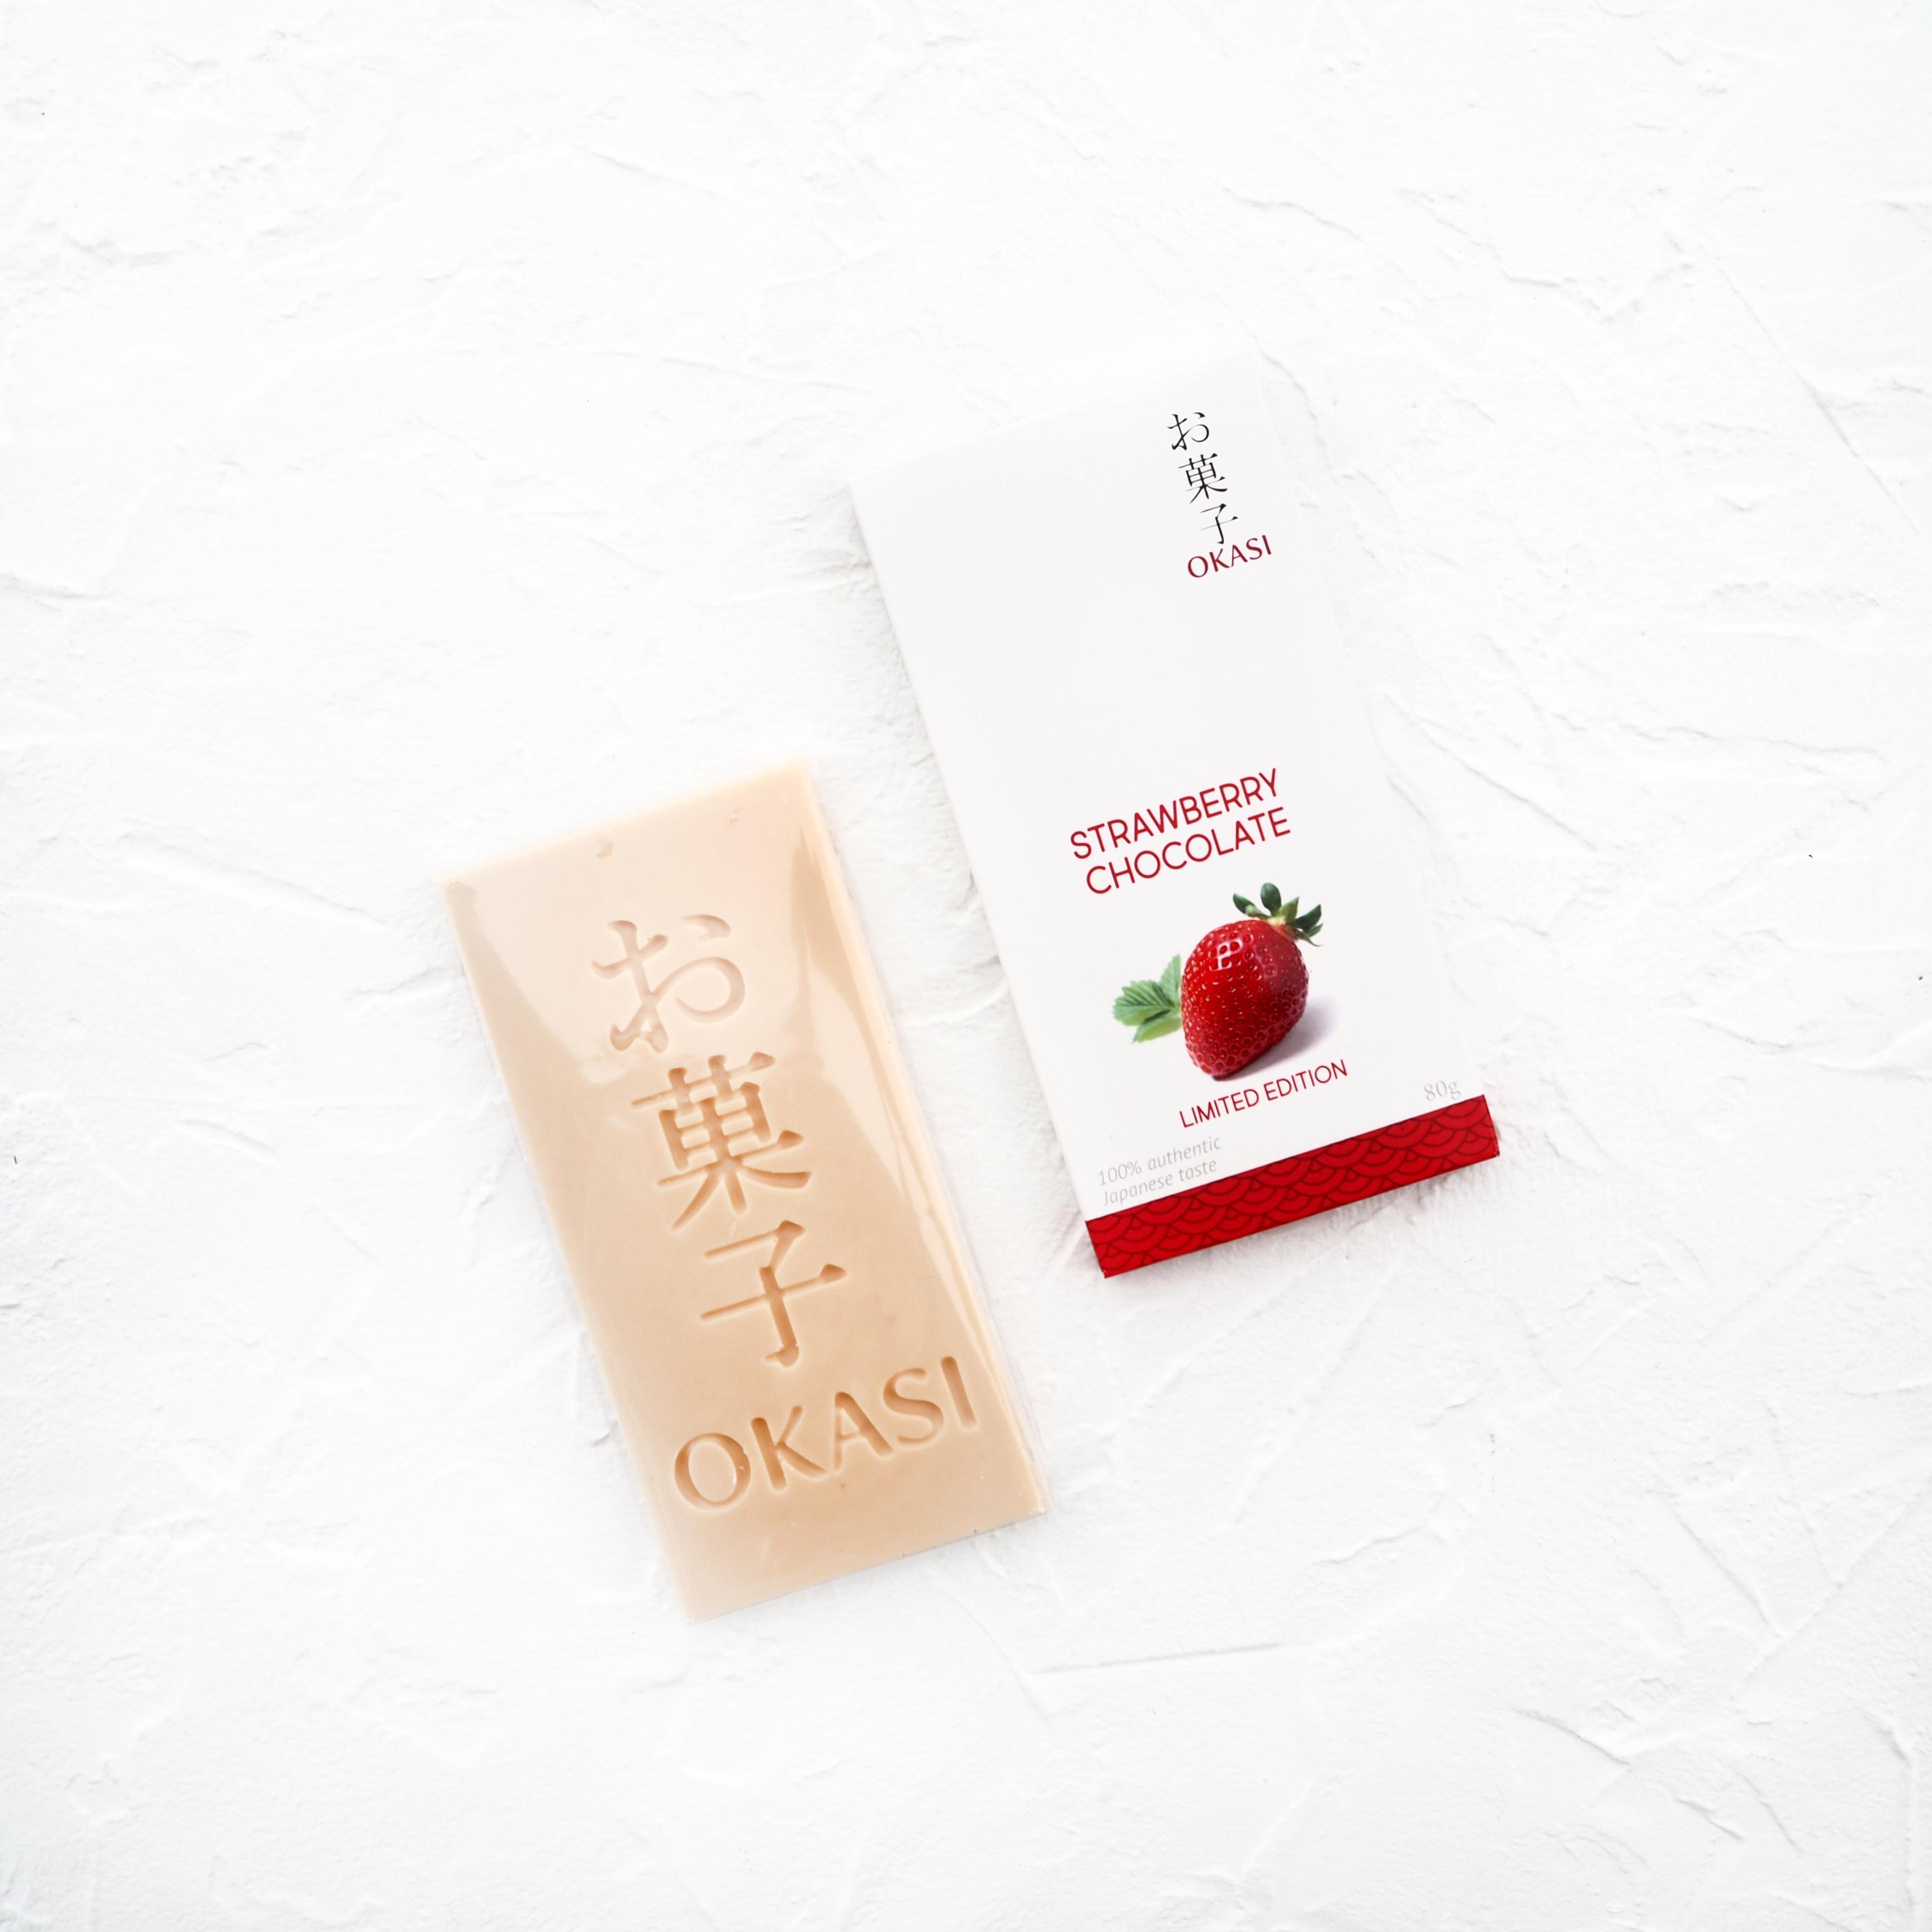 Шоколад с клубникой Тотиотомэ (1 шт., 80 г)